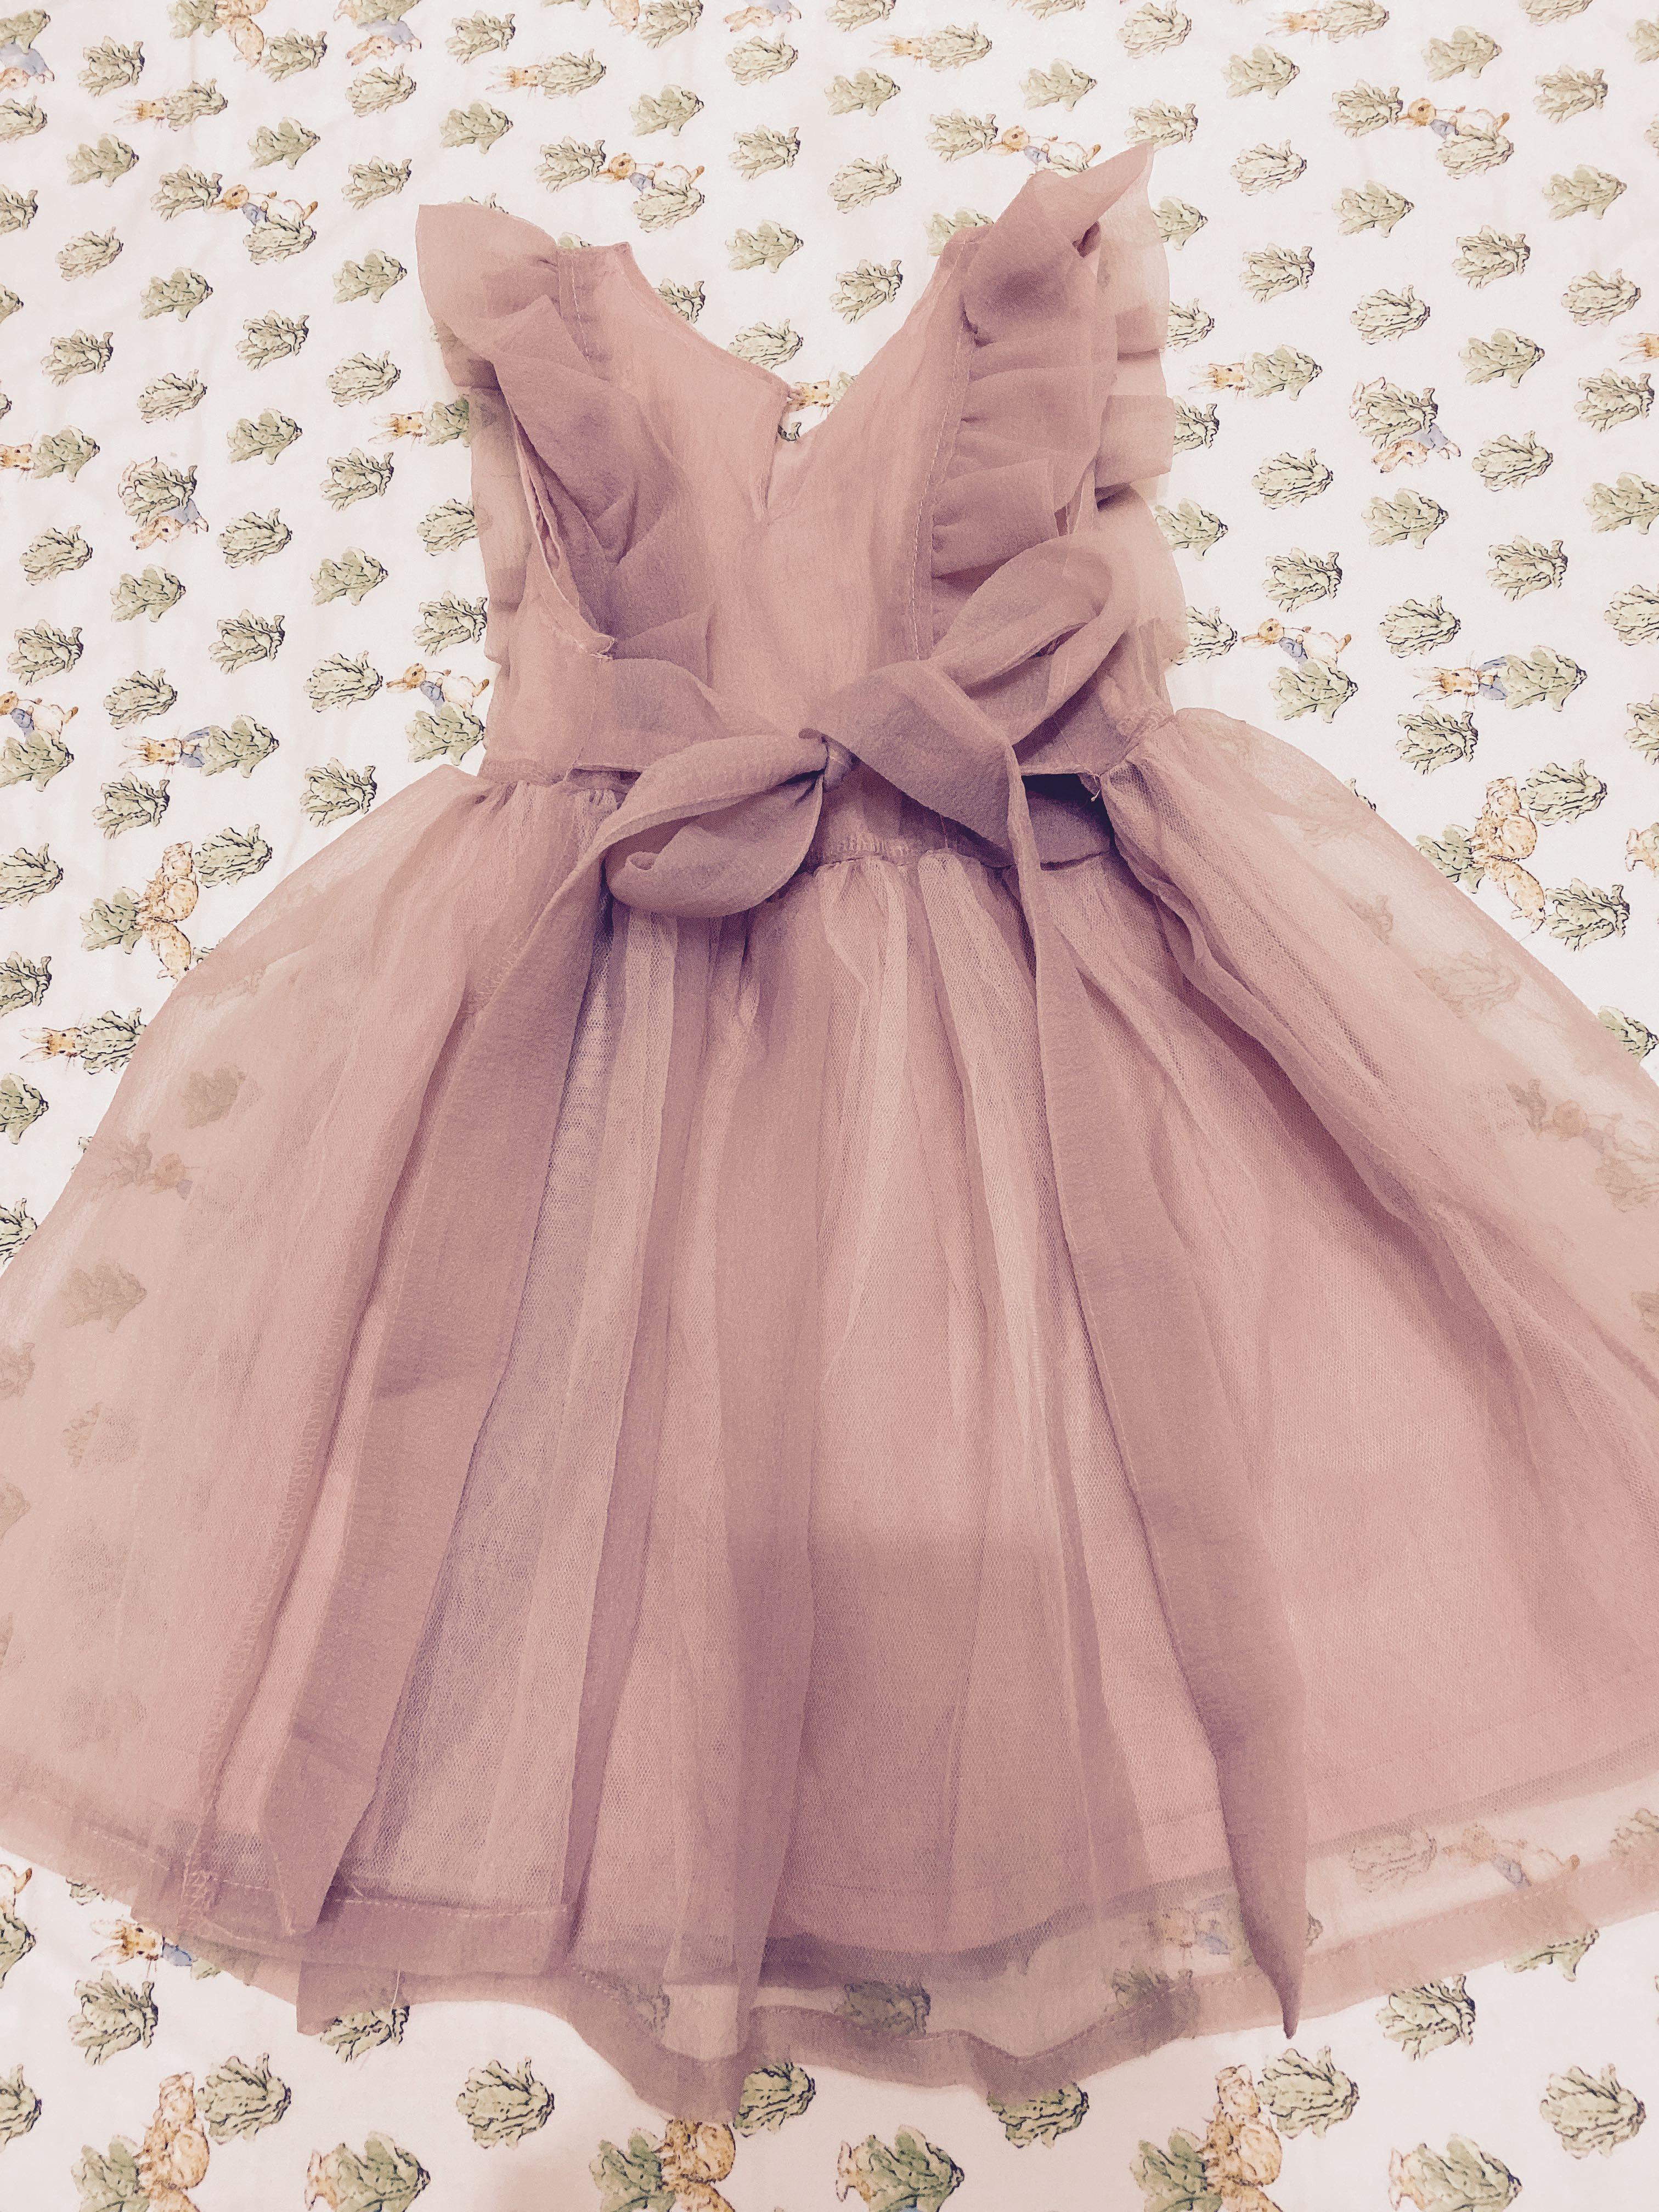 花童洋裝 女童 紗裙洋裝